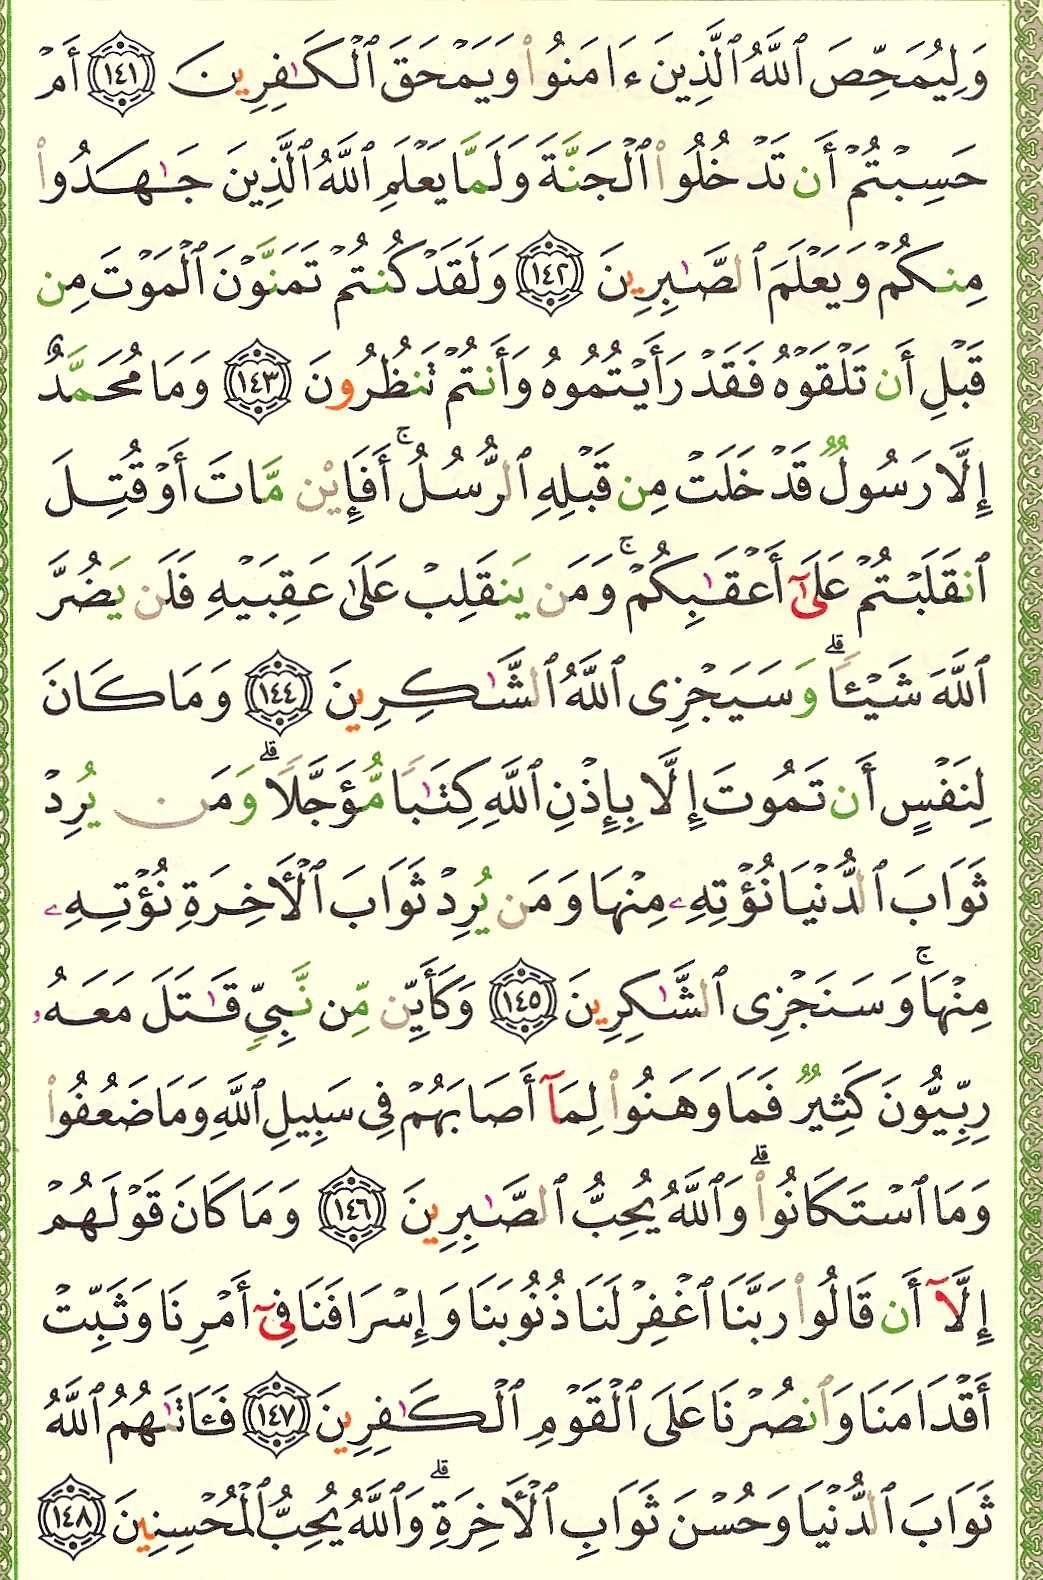 3. سورة آل عمران - Al-Imran مصورة من المصحف الشريف 068